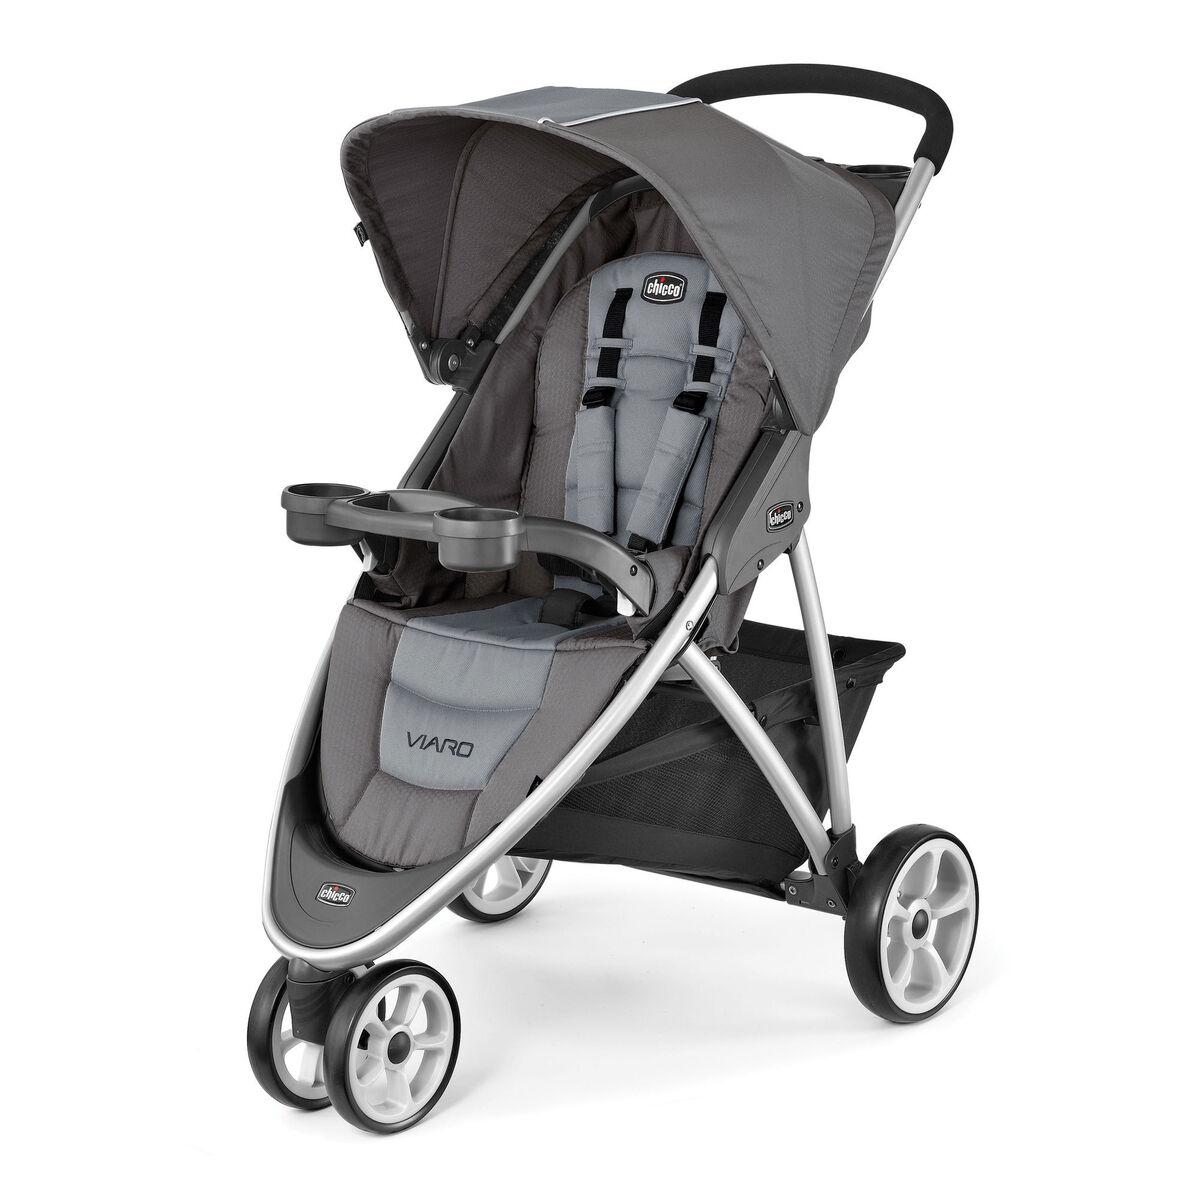 chicco chicco viaro stroller graphite. Black Bedroom Furniture Sets. Home Design Ideas